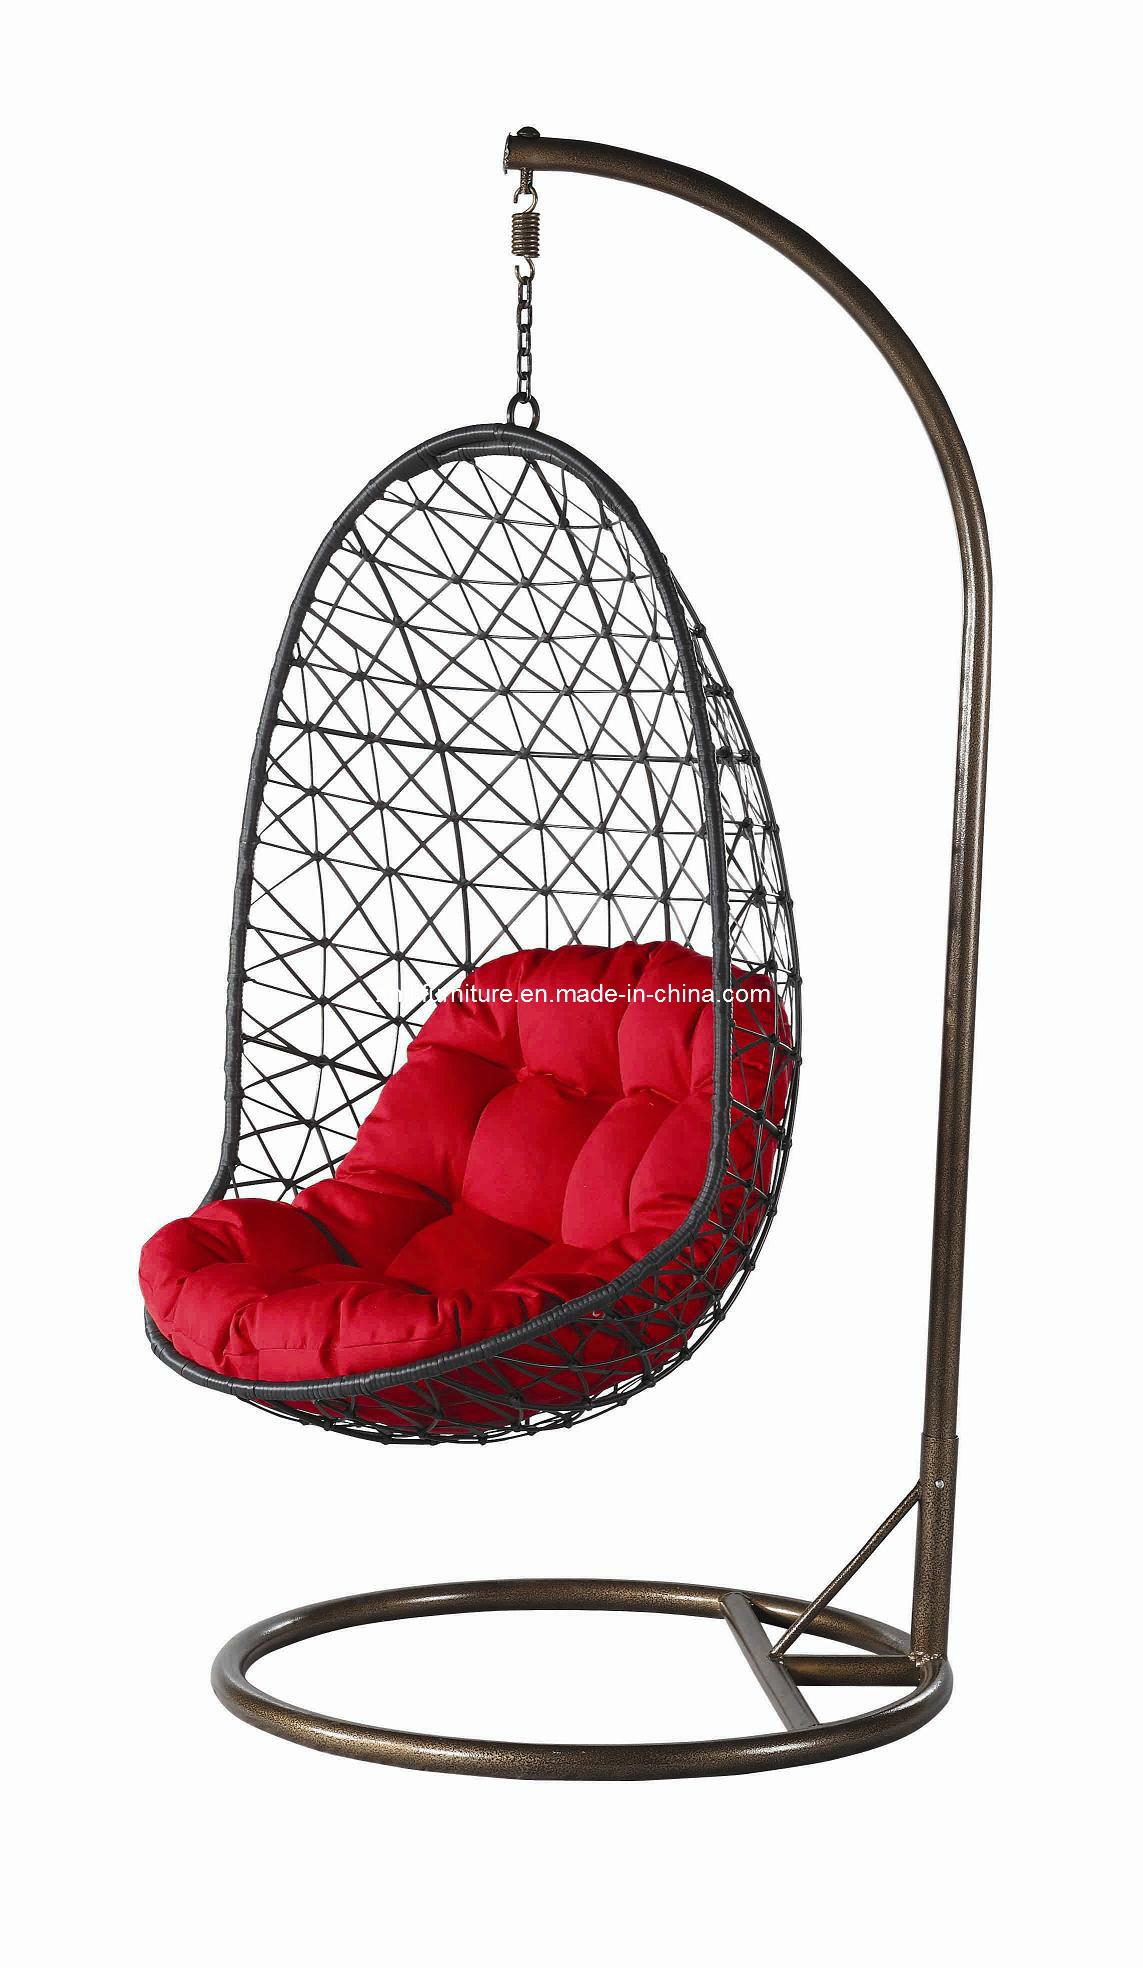 De stoel van de schommeling de hangende hangende stoel van de mand van de rotan lhy15 de - Rotan stoel van de wereld ...